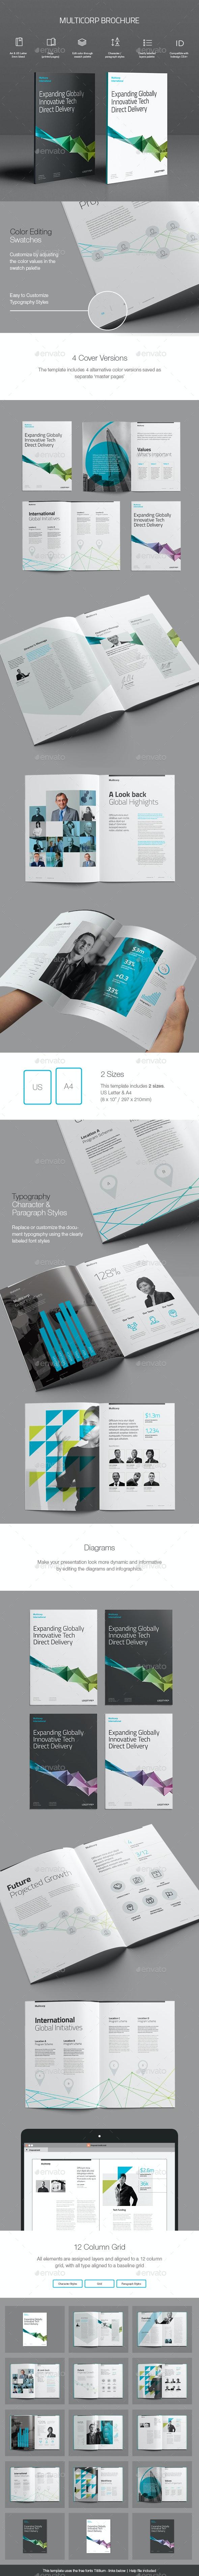 Multicorp Brochure Template - Corporate Brochures